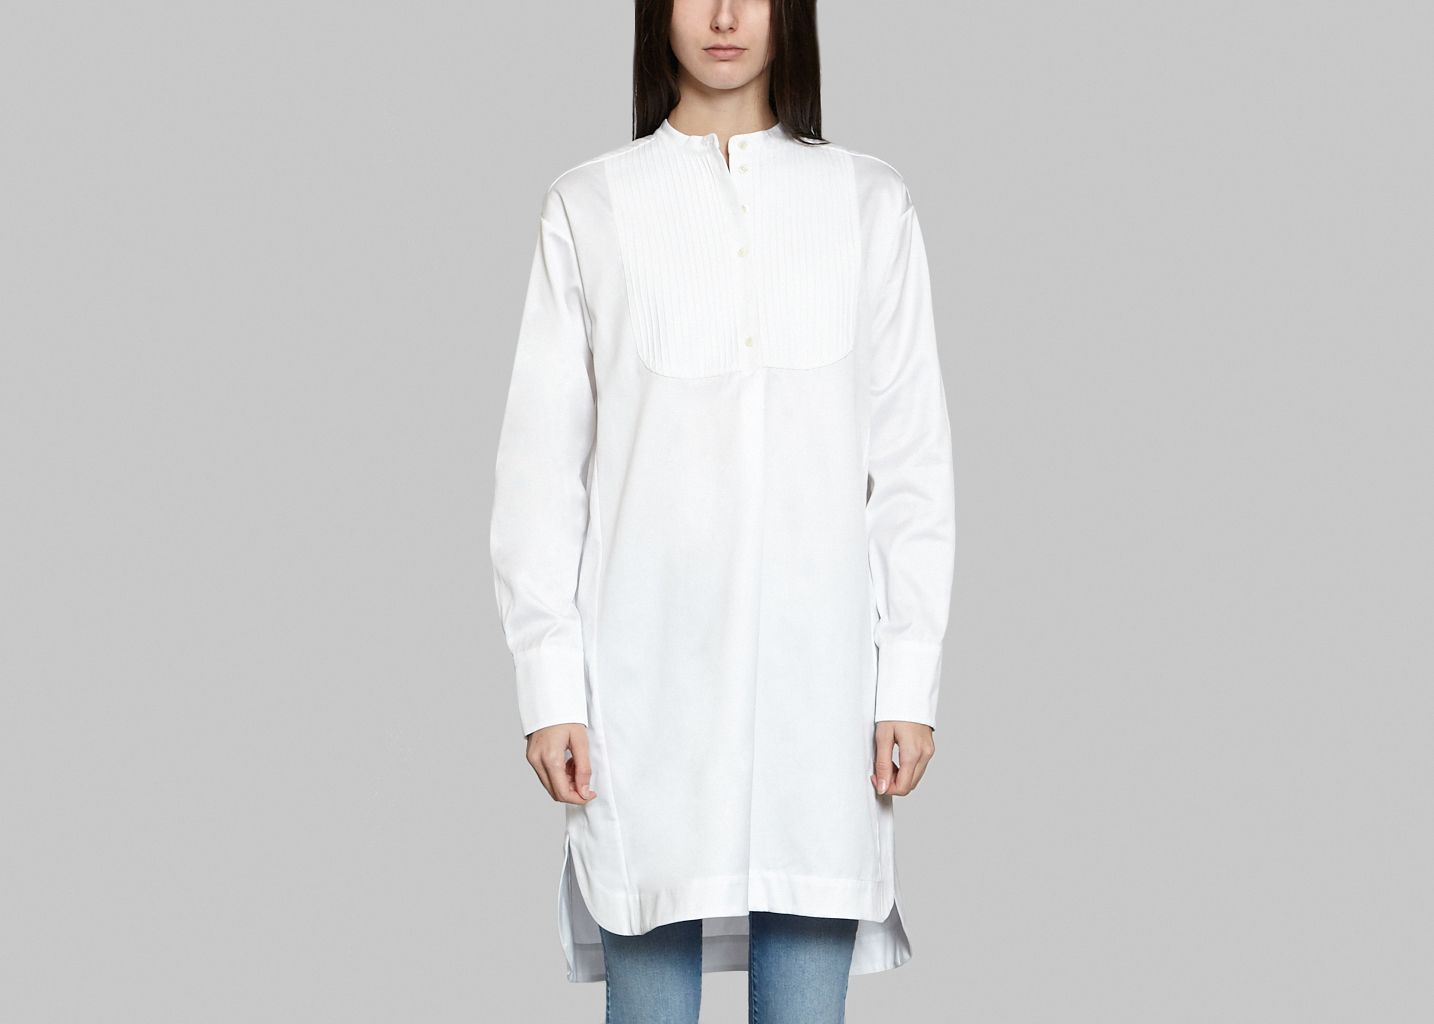 Gala Shirt Dress - Ines De La Fressange Paris